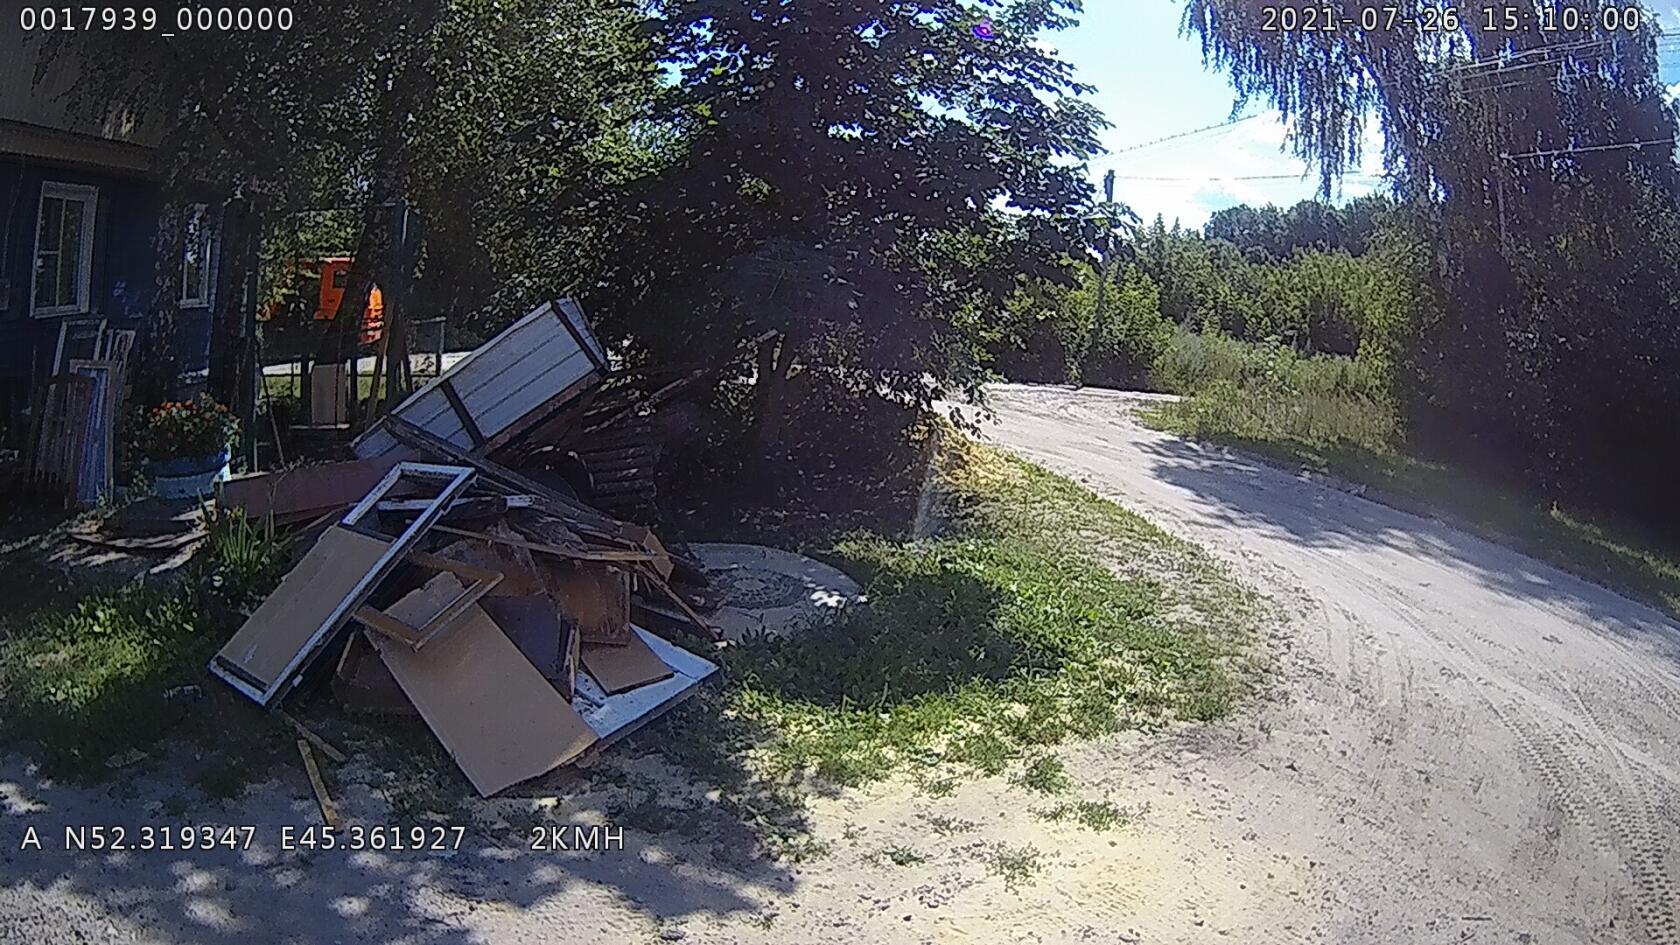 В ходе рейда административной комиссии на территории Петровска зафиксировали две свалки отходов